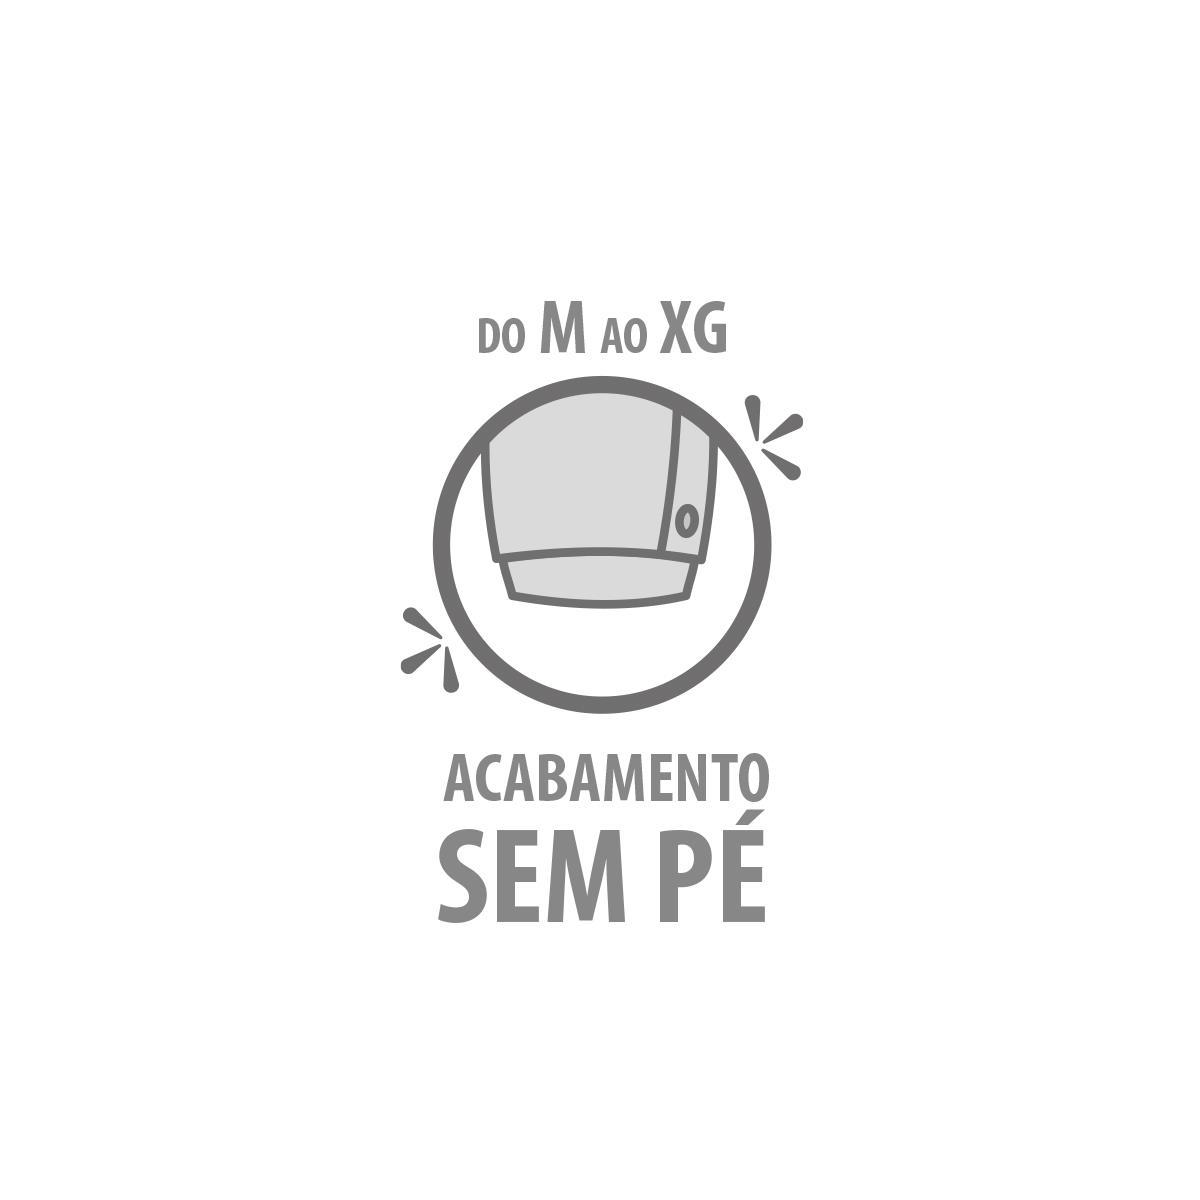 Macacão Zíper Coelhinho - Tamanhos RN e P com pezinho; M, G e XG sem pezinho  - Piu Blu